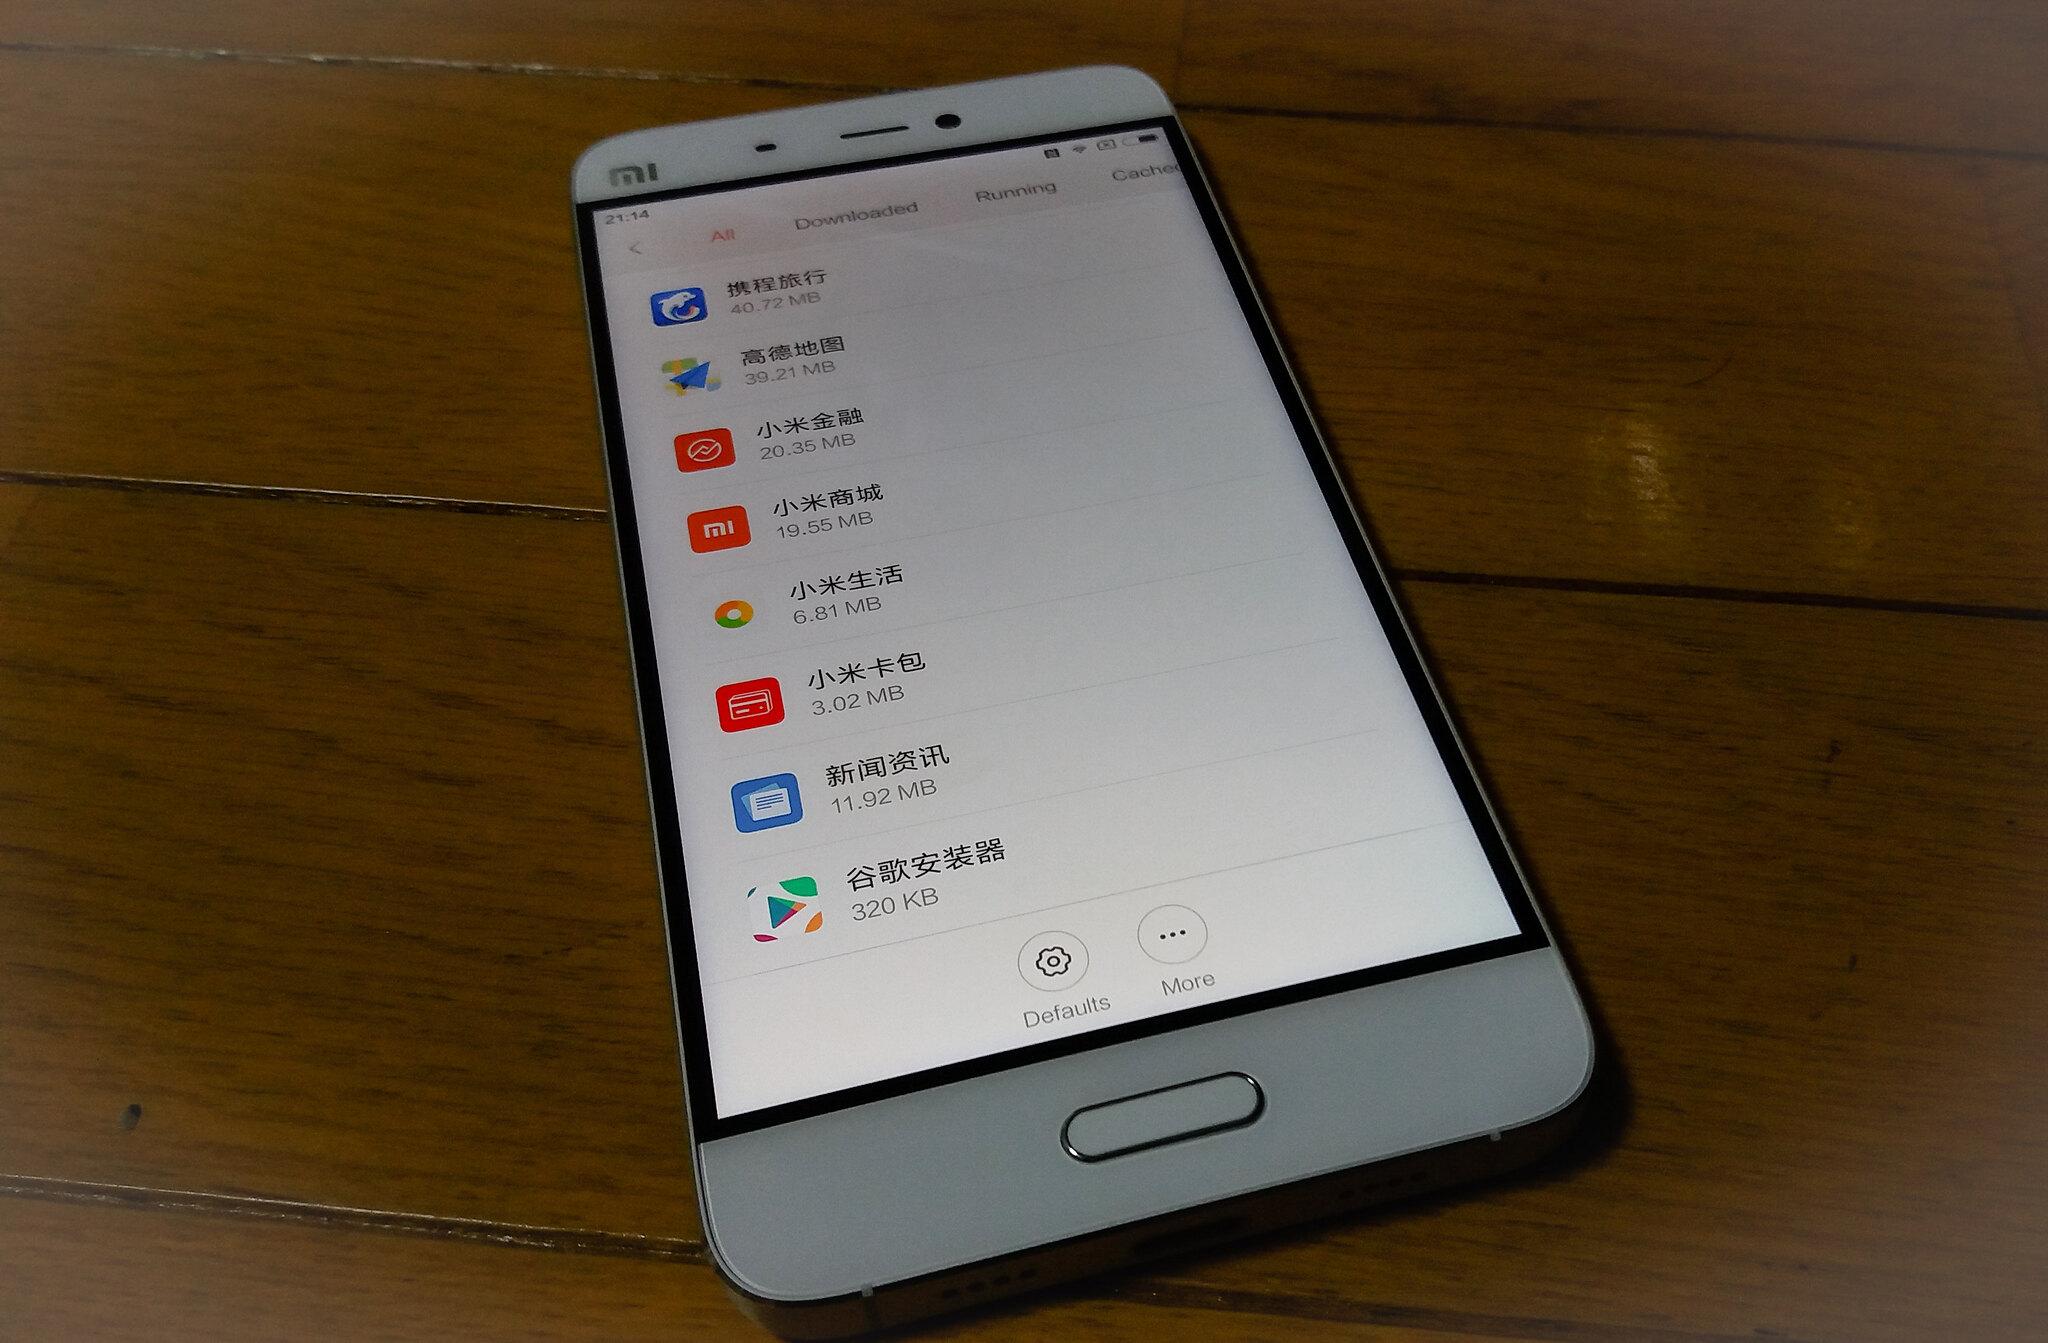 中國のイケイケスマホ企業xiaomi(シャオミ、小米科技)の格安ハイスペックスマホ「Mi5」を手に入れた ...